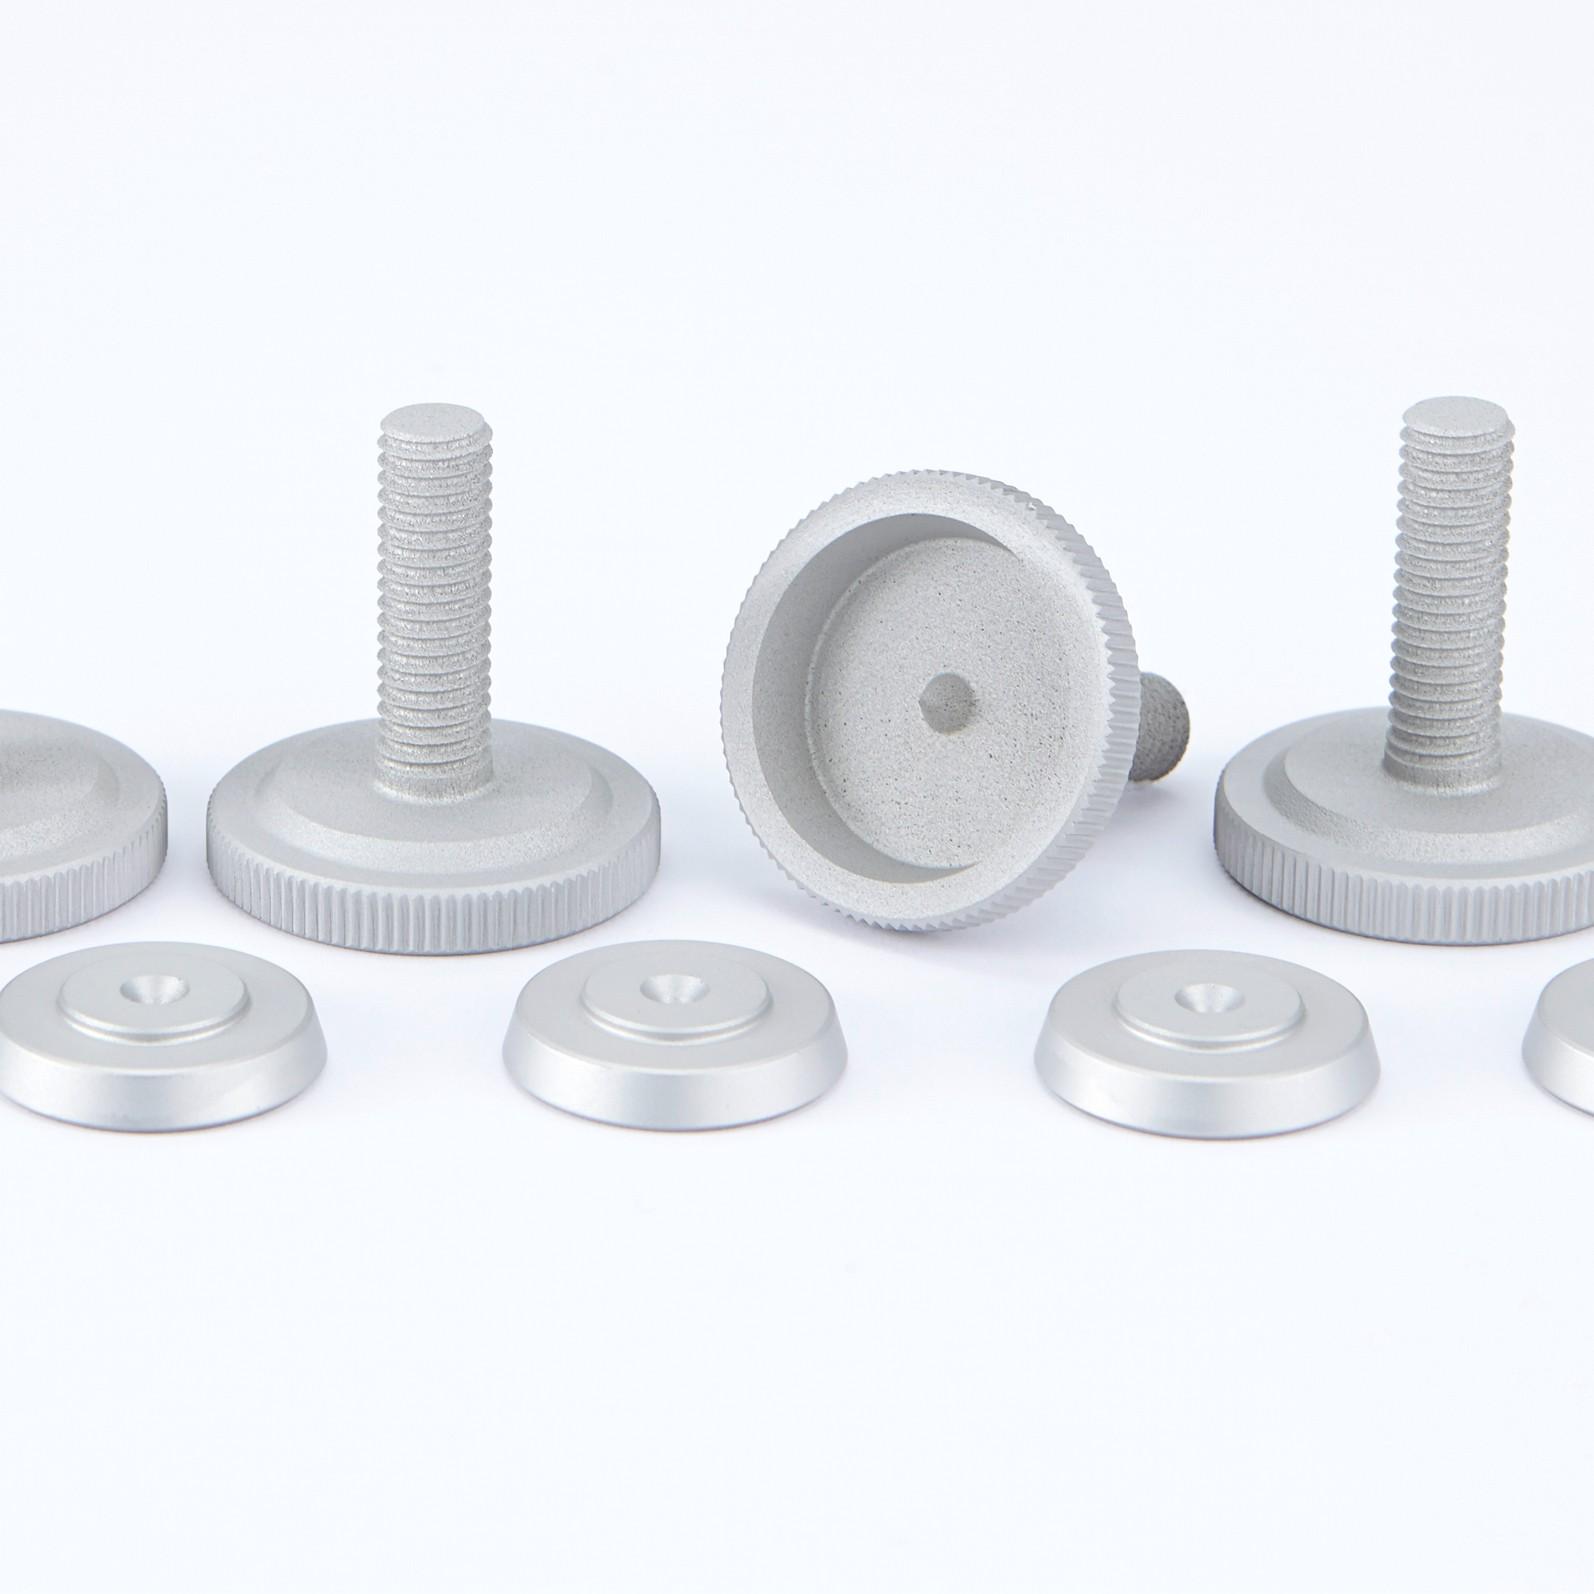 4er Set 29 mm Spikes silber - M8